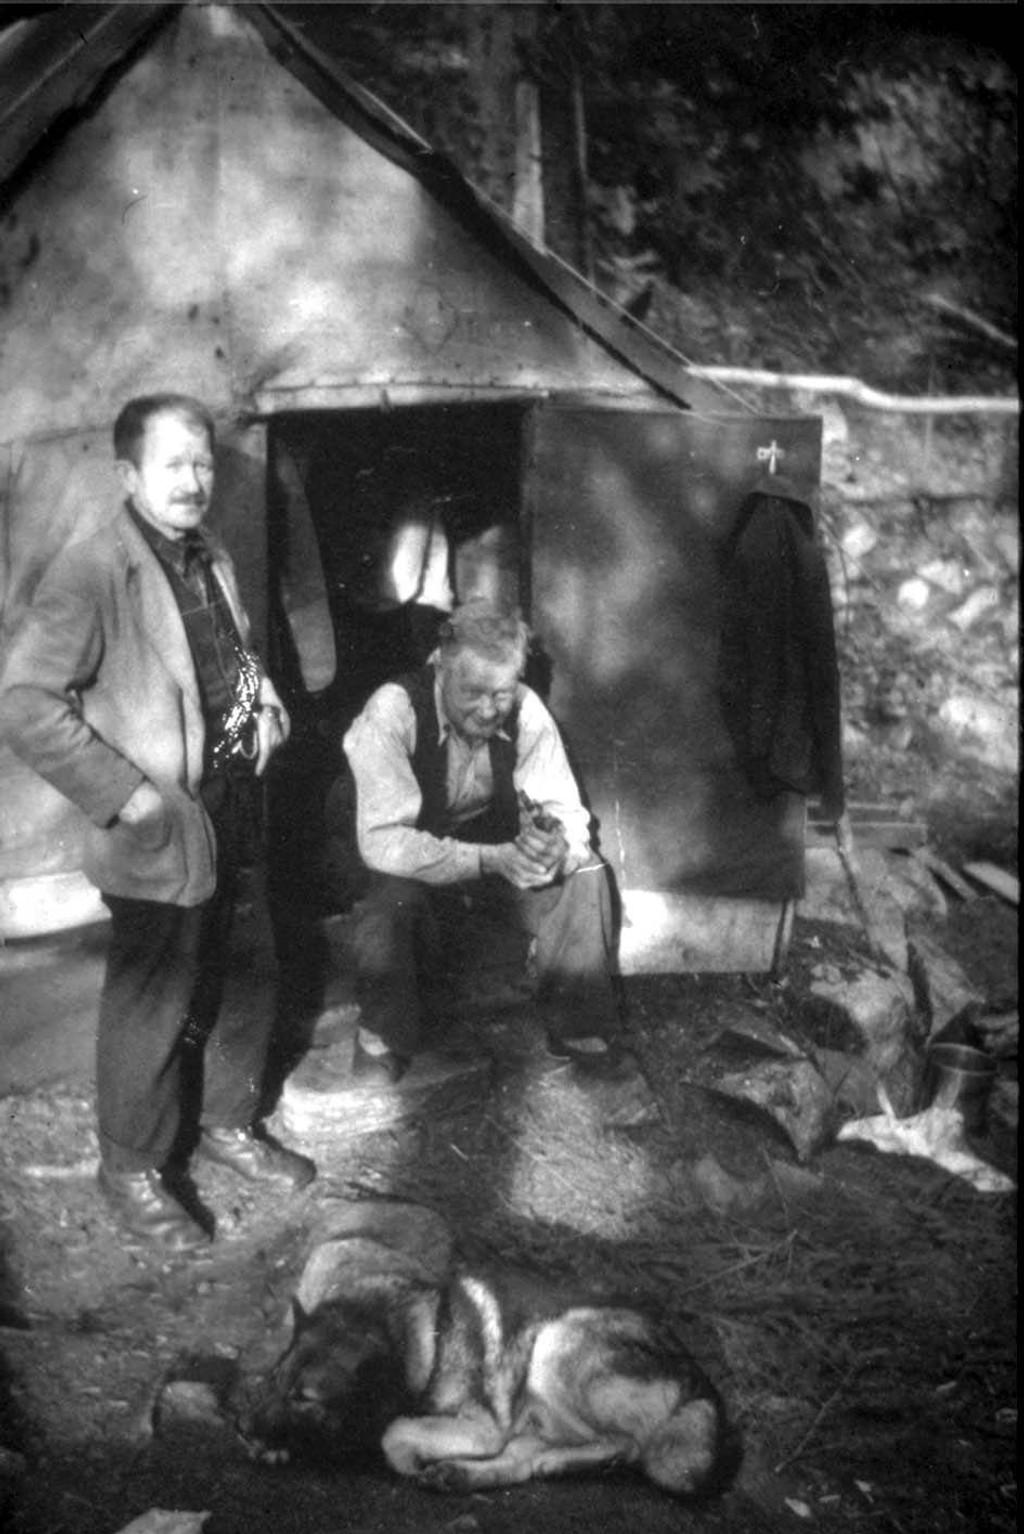 Marka-beboere: Eneboerbrødrene Albert og Johan Næs foran sitt enkle husvære i Østmarka. Disse får man høre mer om på Sandbakken.